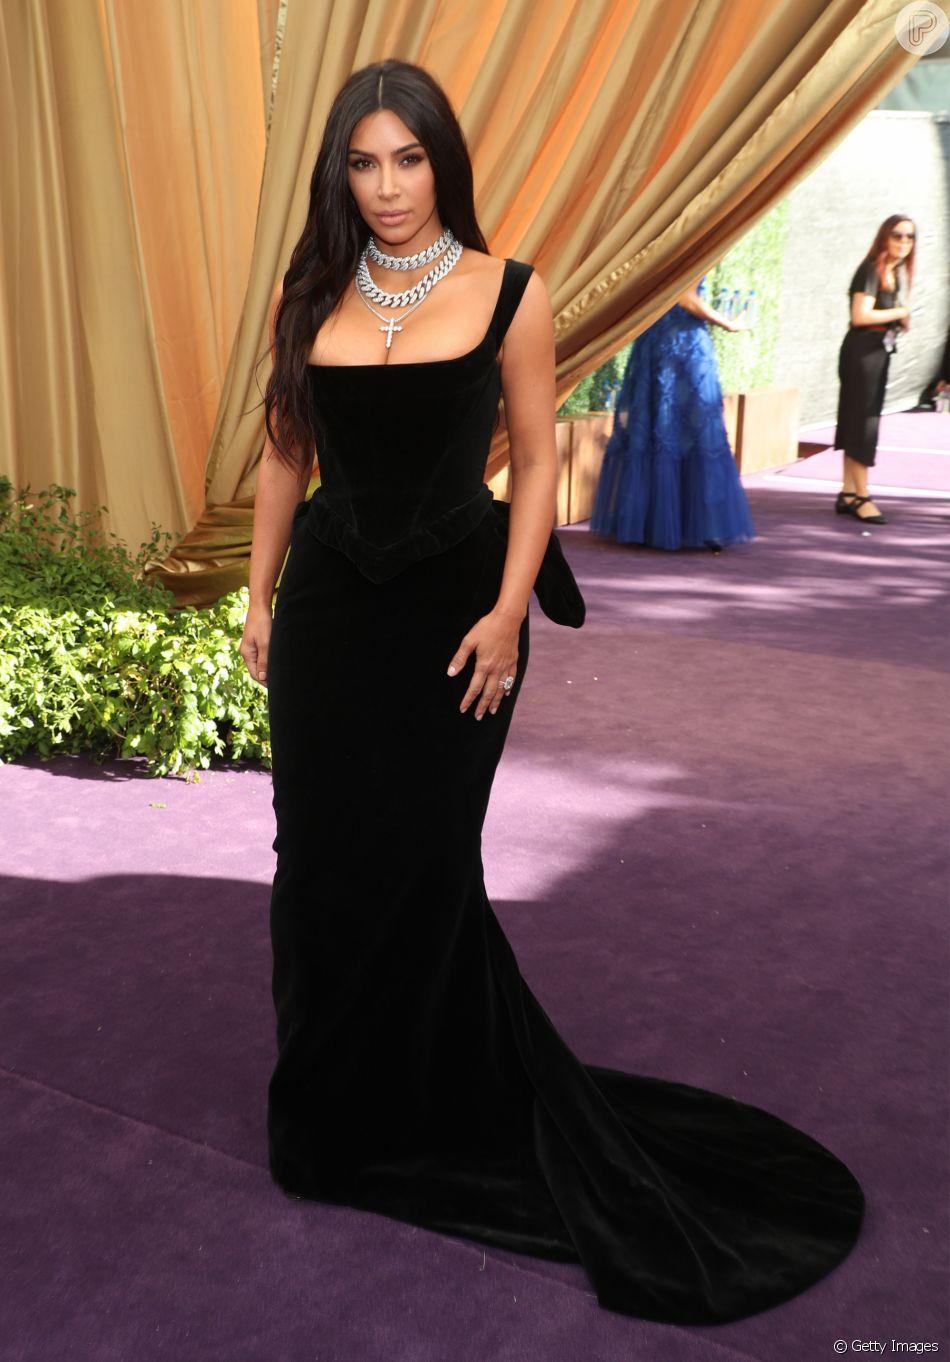 Para o Emmy Awards 2019, Kim Kardashian apostou em um vestido de veludo preto e colares de correntes, uma das tendências da temporada